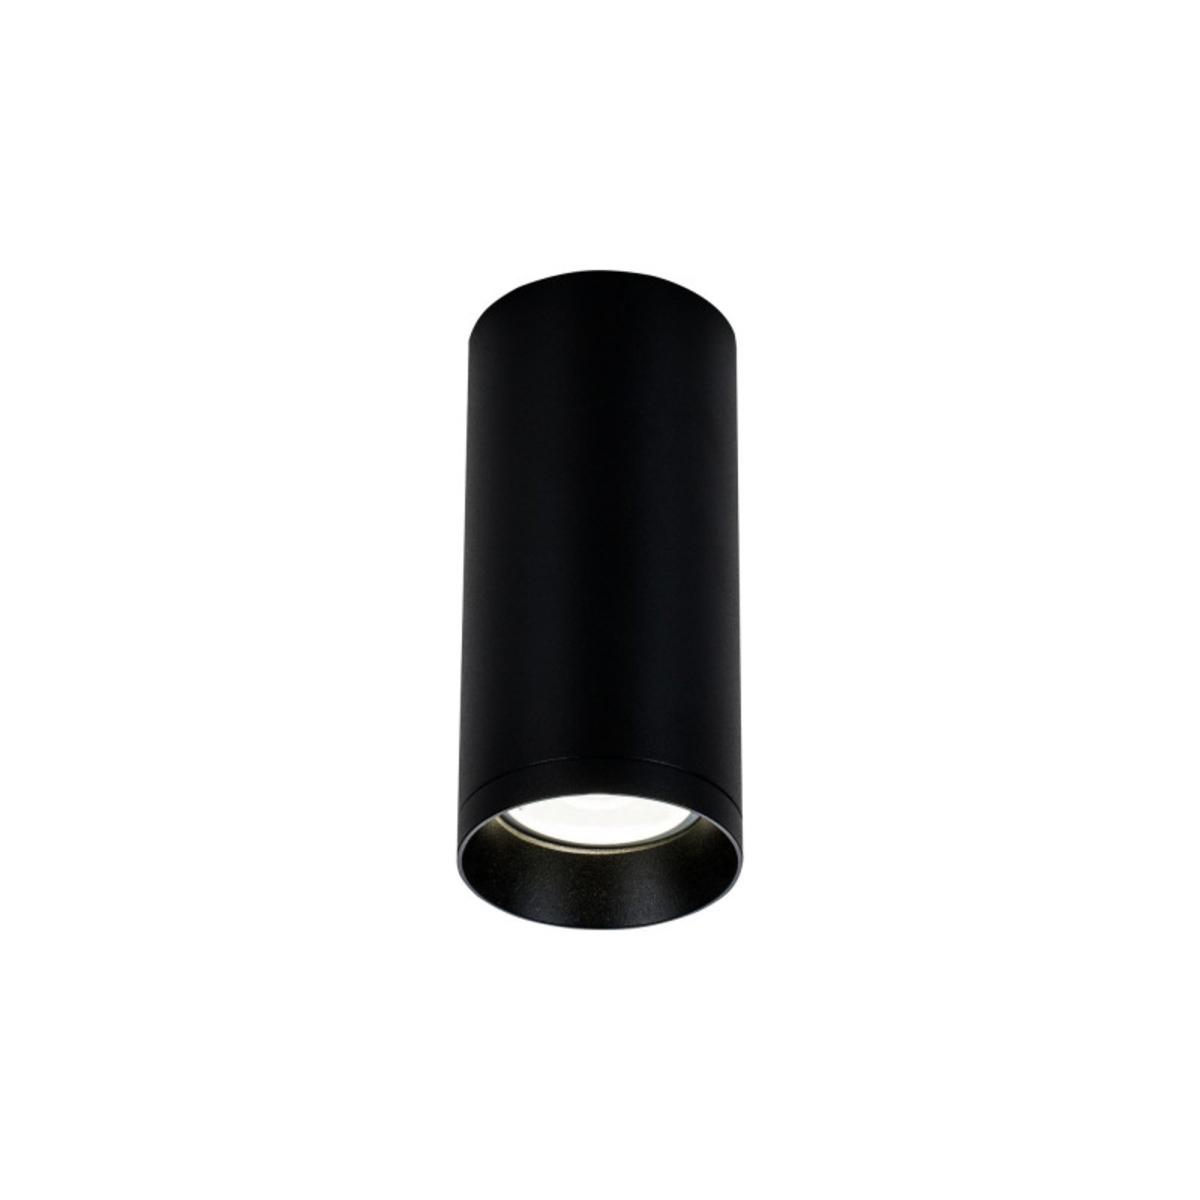 Купить Накладной светильник Ceiling & Wall+C010CL Накладной светильник Maytoni C010CL-01B (14376), HomeMe